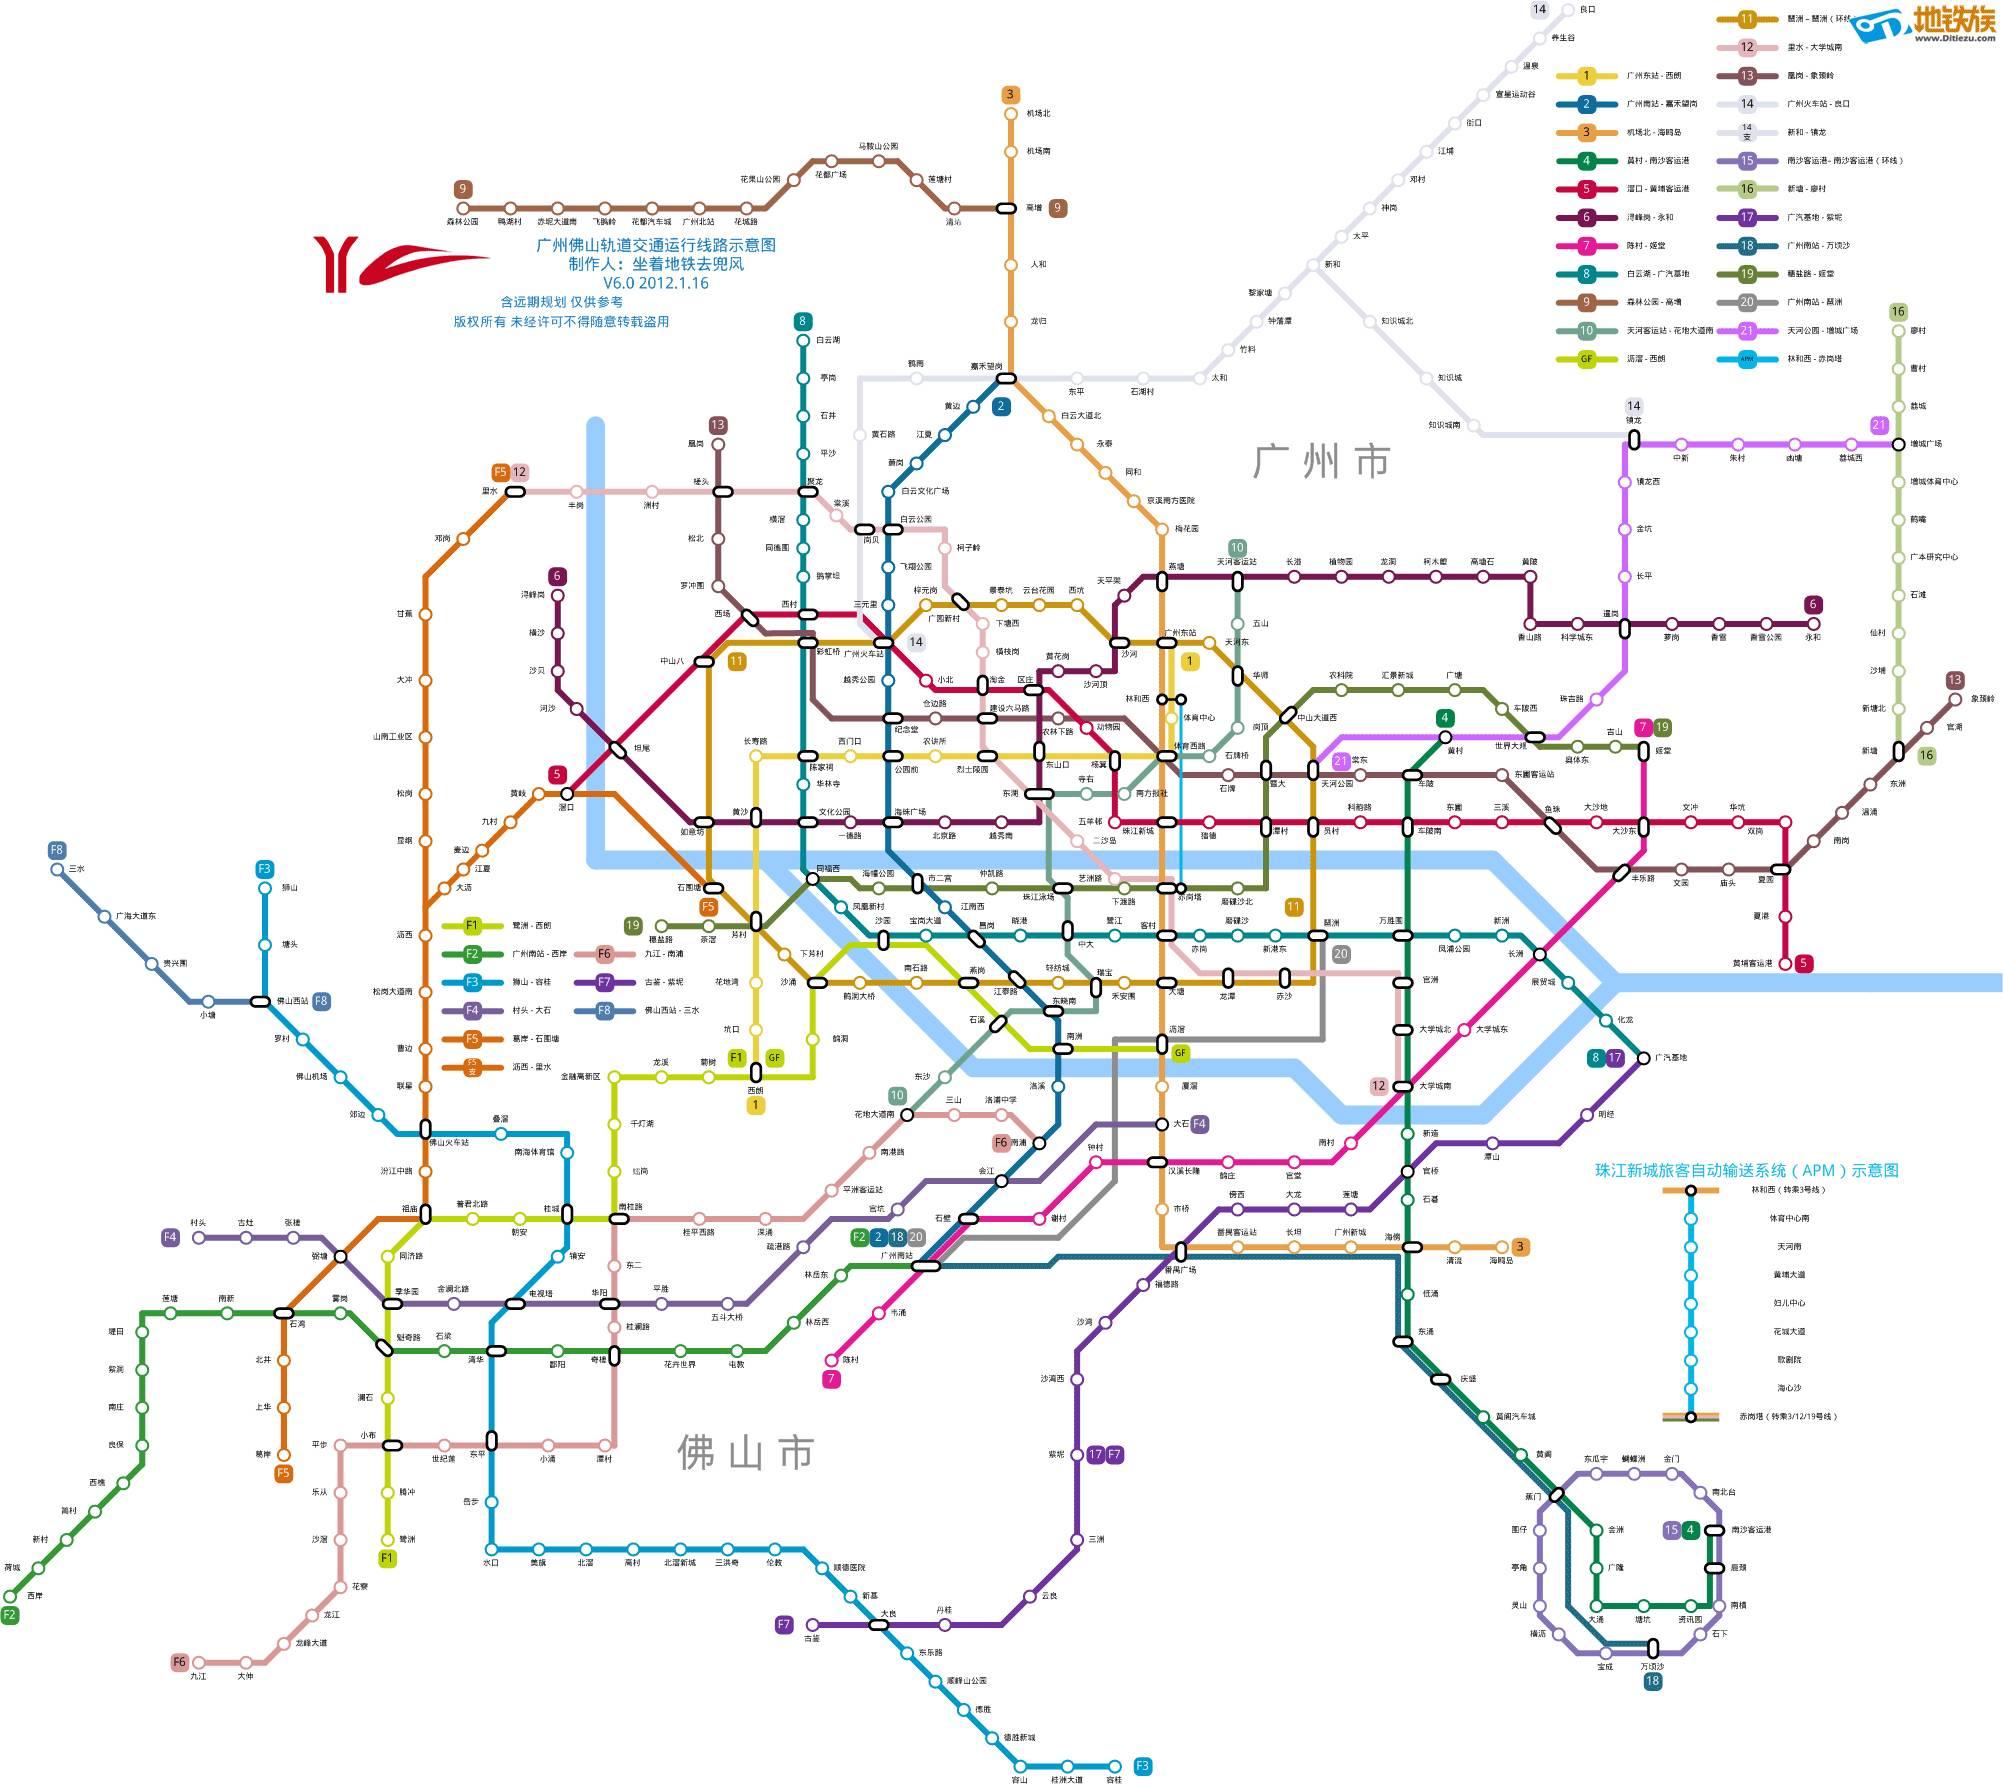 广佛地铁未来规划图-佛山地铁总规划赶超伦敦 未来南海将规划11条地